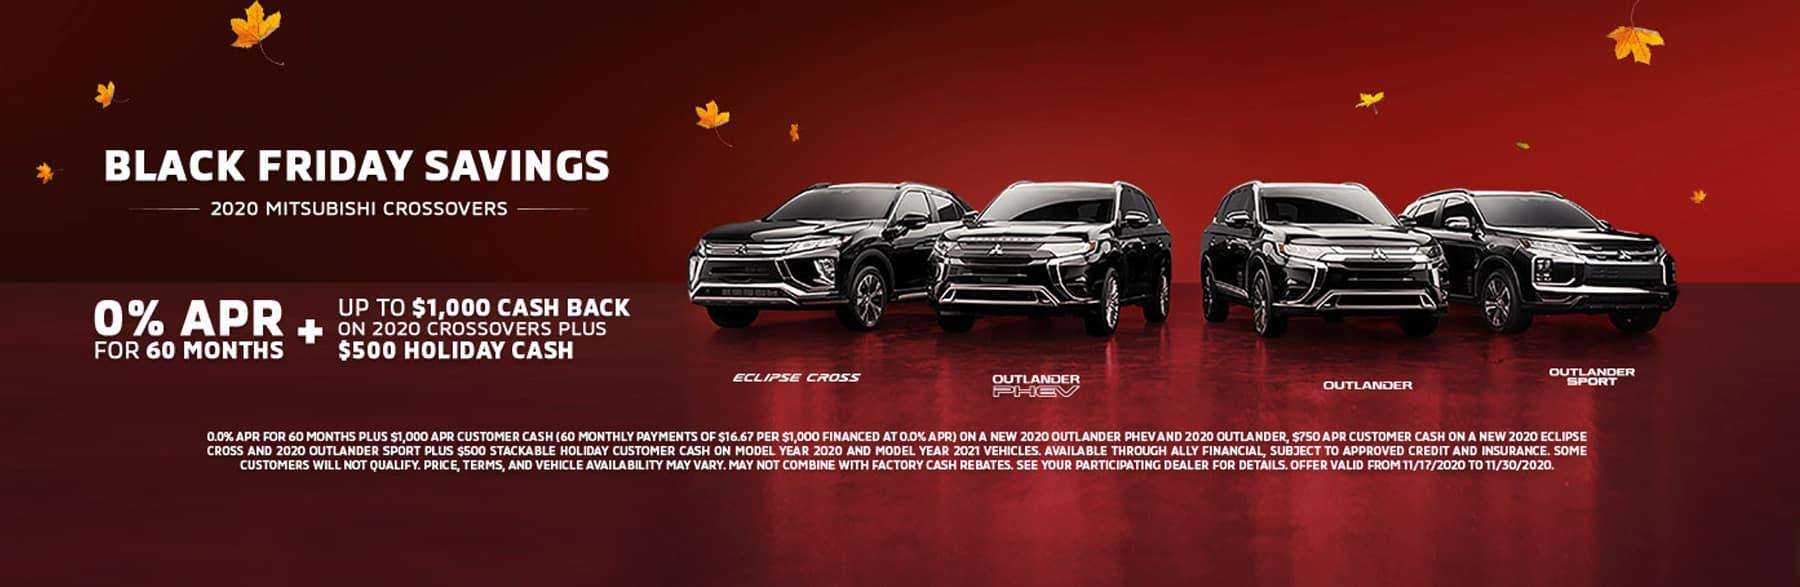 IGM-Nov20-HP-BF-Specials